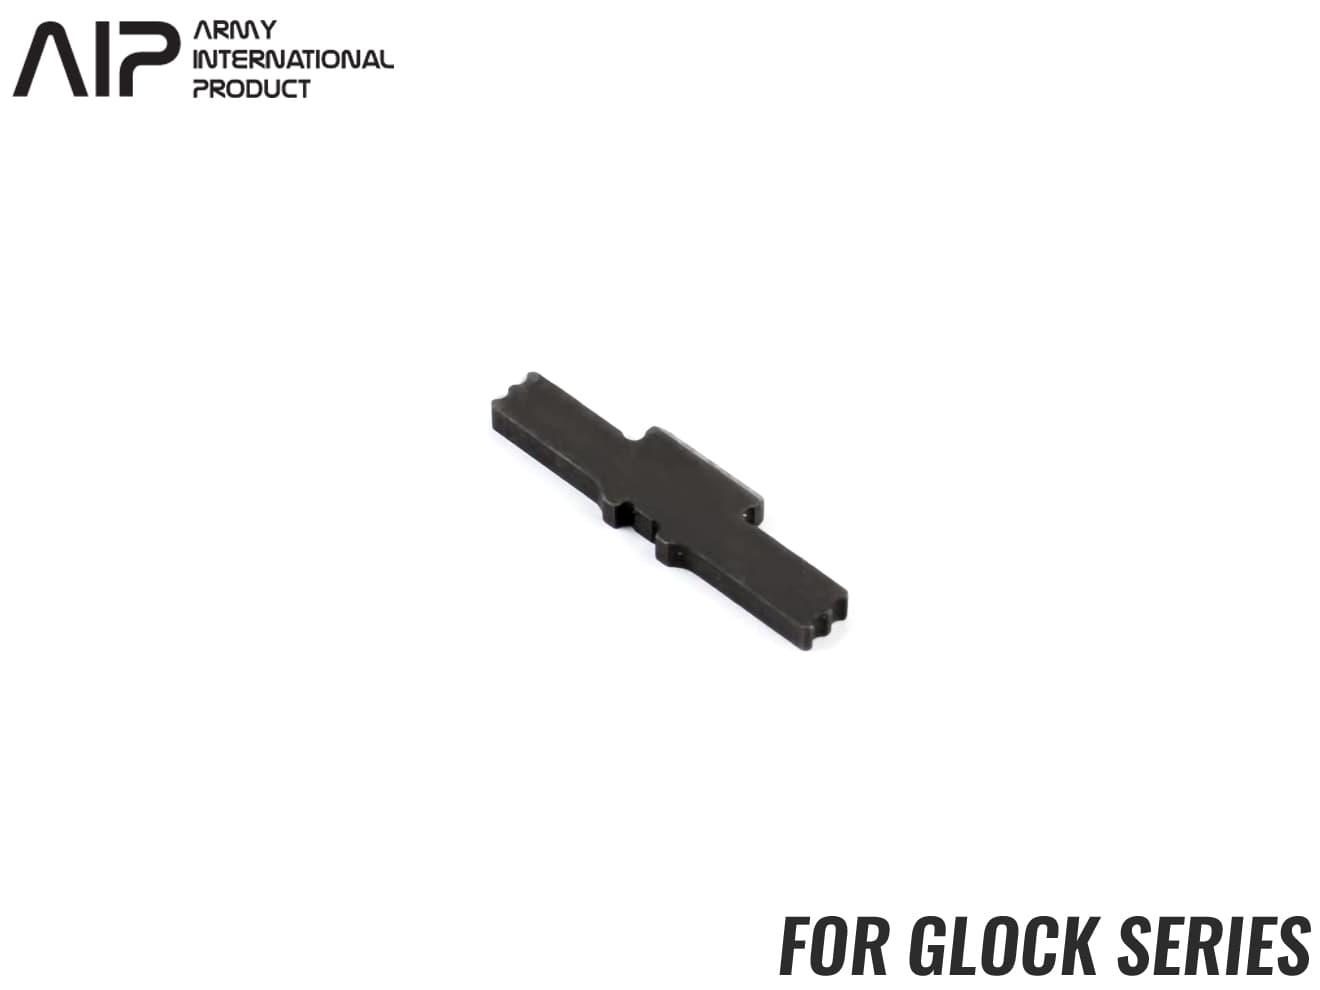 AIP 強化スチールスライドロック GLOCK◆東京マルイ GBB グロック シリーズ対応 スライドストッパー 焼入れ リアルな質感 耐久性向上 G18C